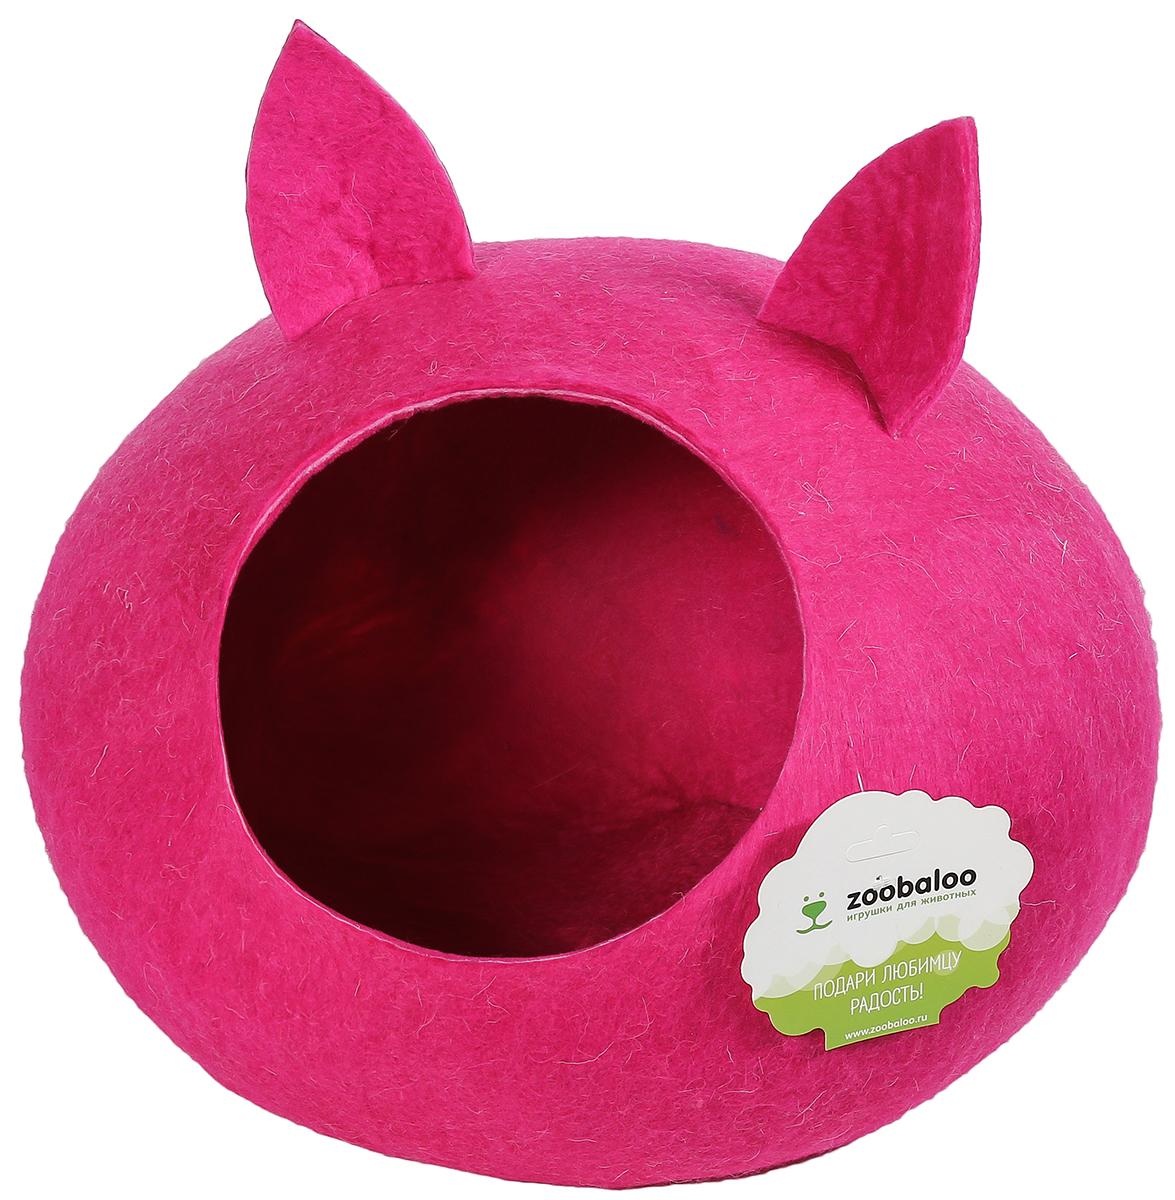 Домик-слипер для животных Zoobaloo WoolPetHouse, с ушками, цвет: малиновый, размер М895Домик-слипер Zoobaloo WoolPetHouse предназначен для отдыха и сна питомца. Домик изготовлен из 100% шерсти мериноса. Шерсть мериноса обеспечит превосходный микроклимат внутри домика, а его форма позволит питомцу засыпать в самой естественной позе.